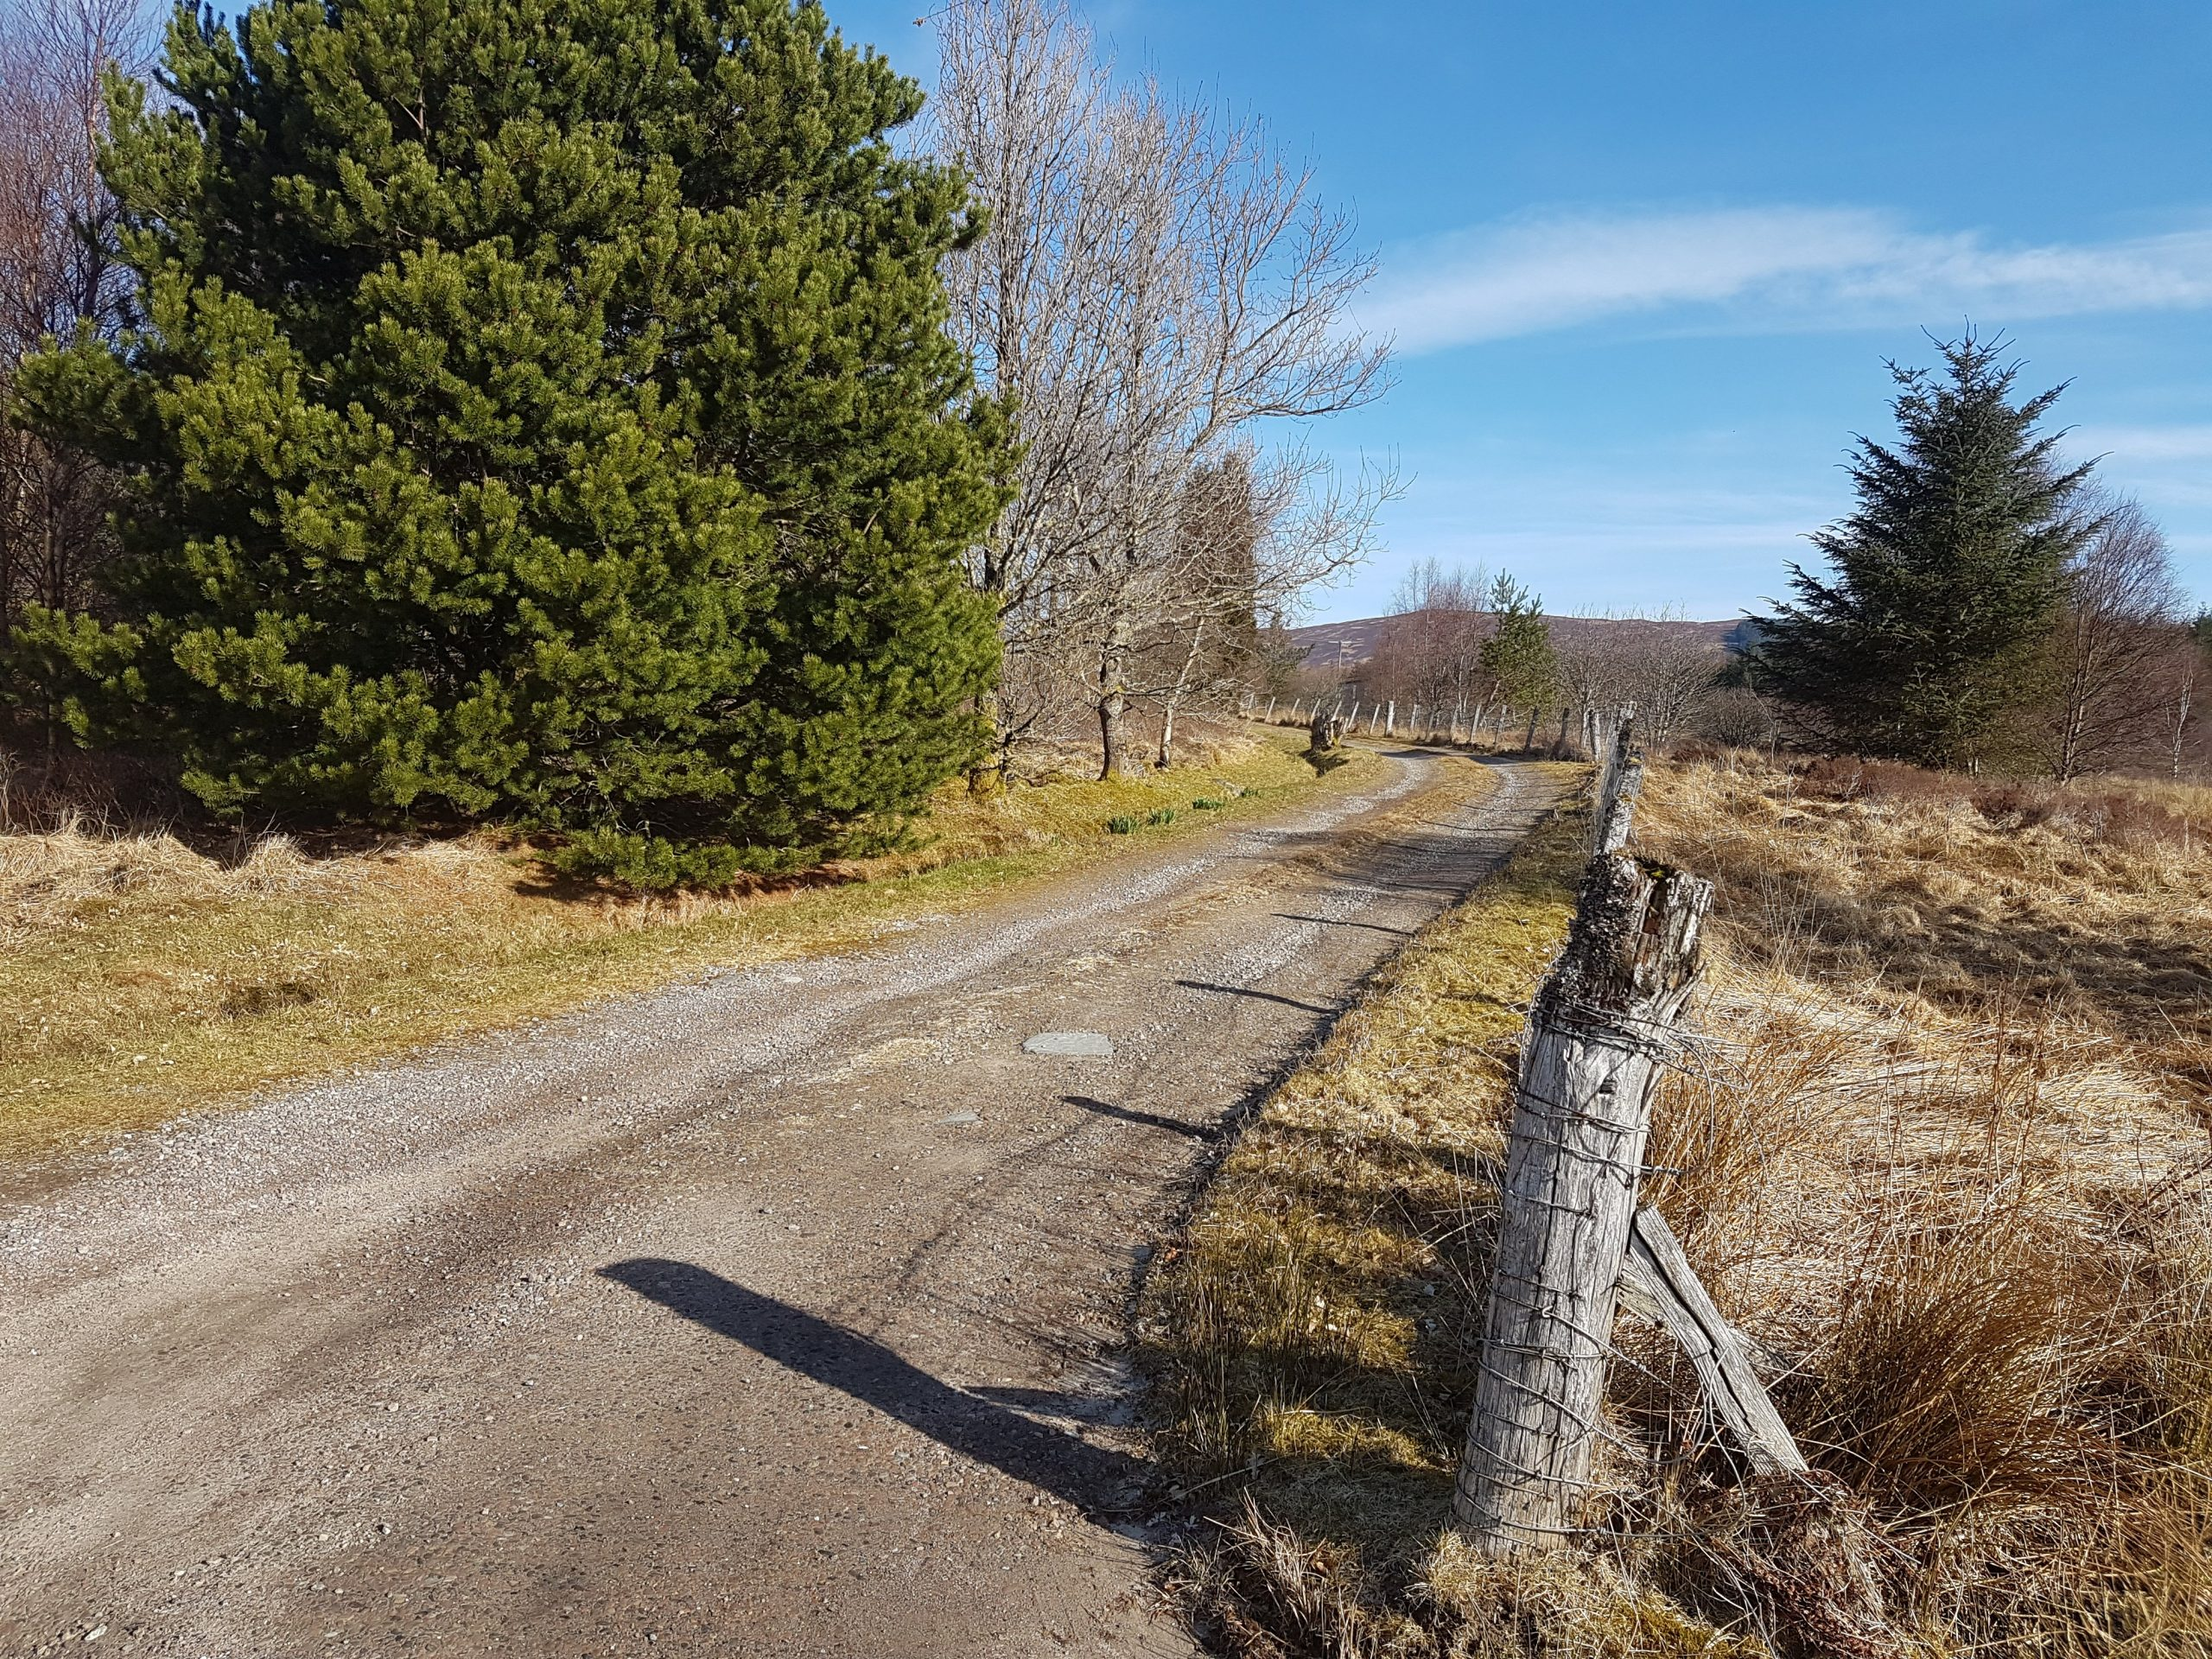 Rural track